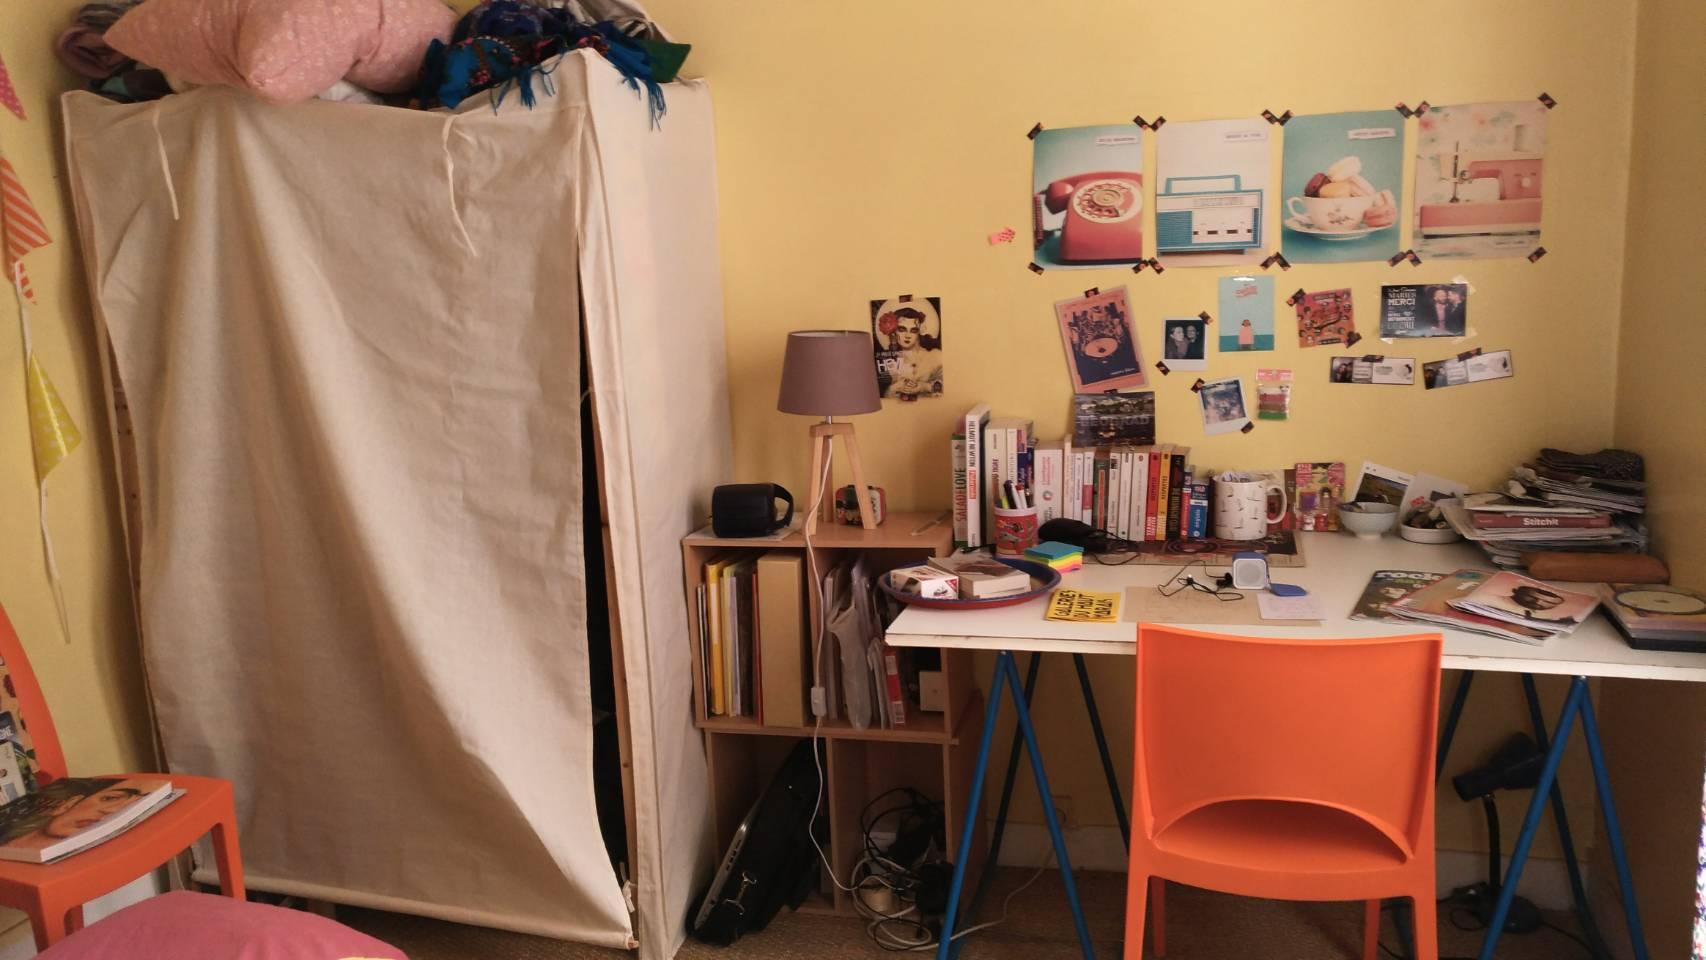 法國巴黎位於第13區的Airbnb之書桌及衣櫃 photo by 倍包客